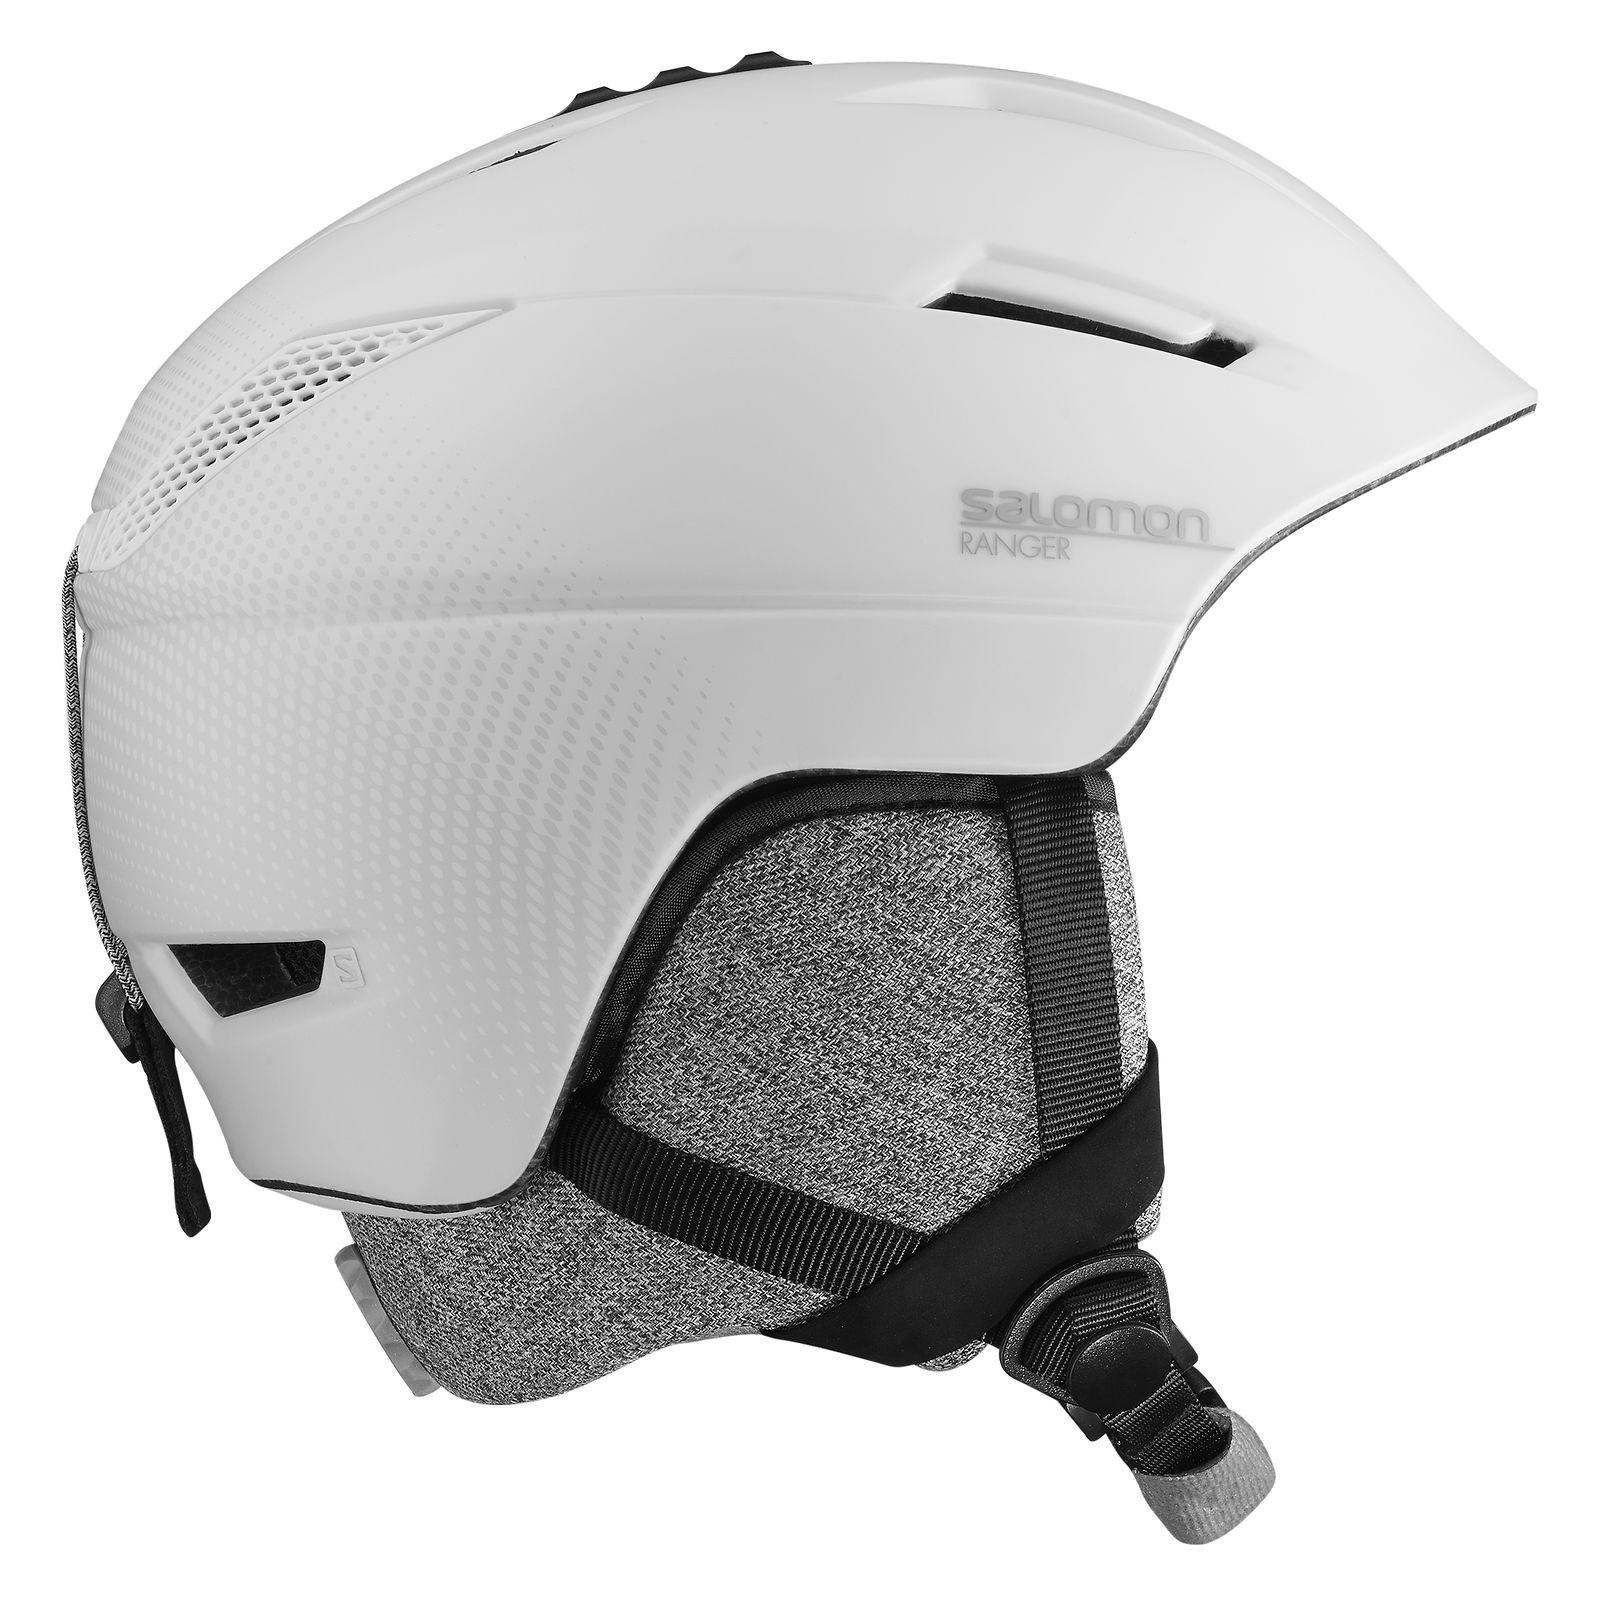 Kask Salomon Ranger 2 CD 407046